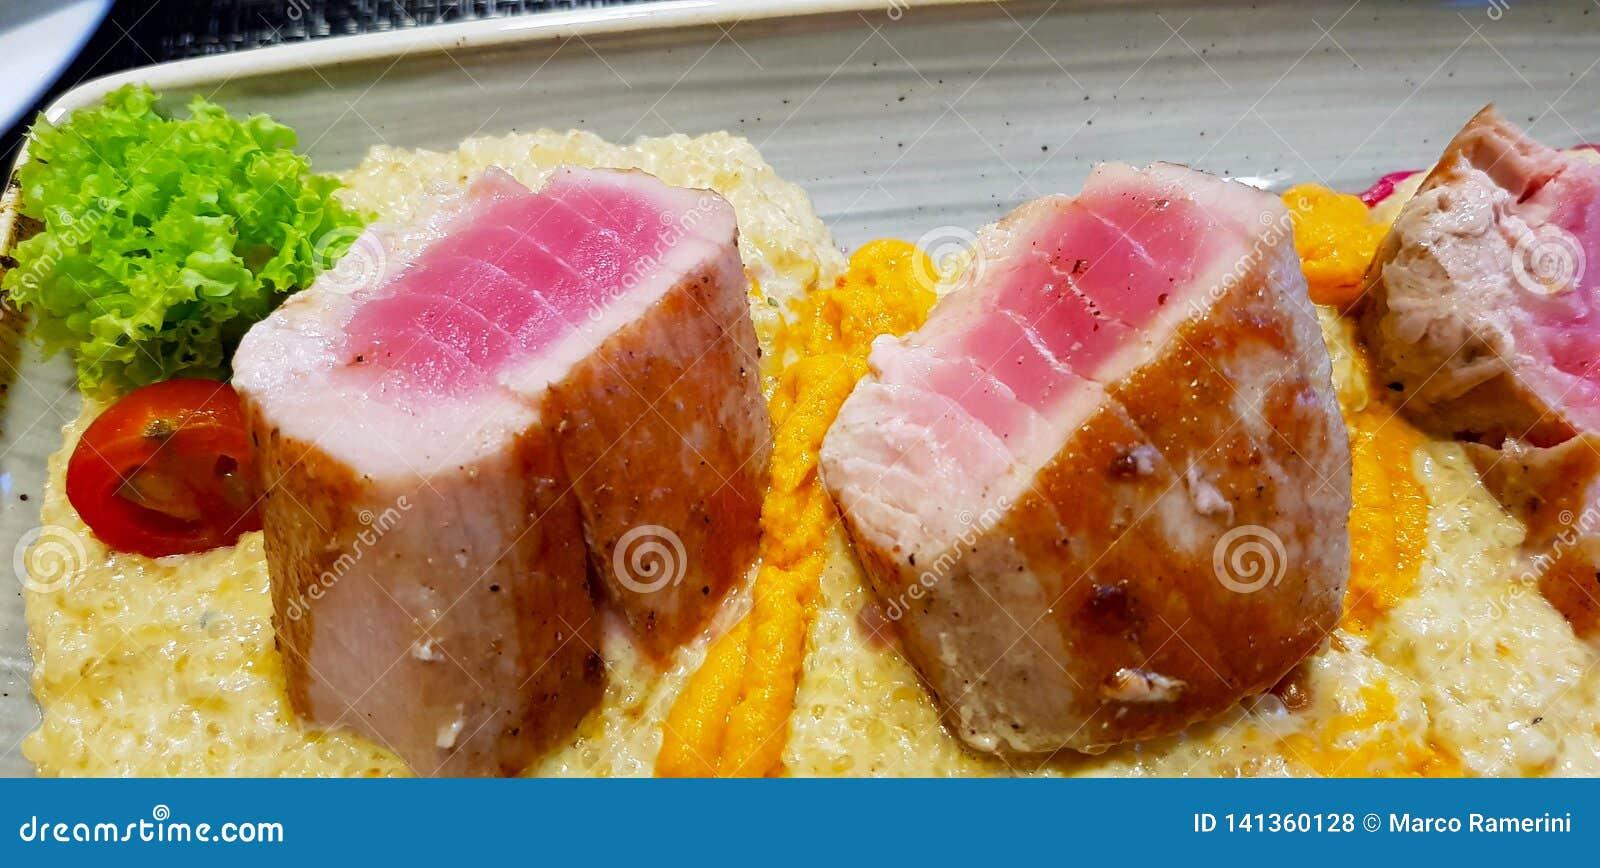 Prato de peixes: atum grelhado em uma cama das batatas com tomates e salada